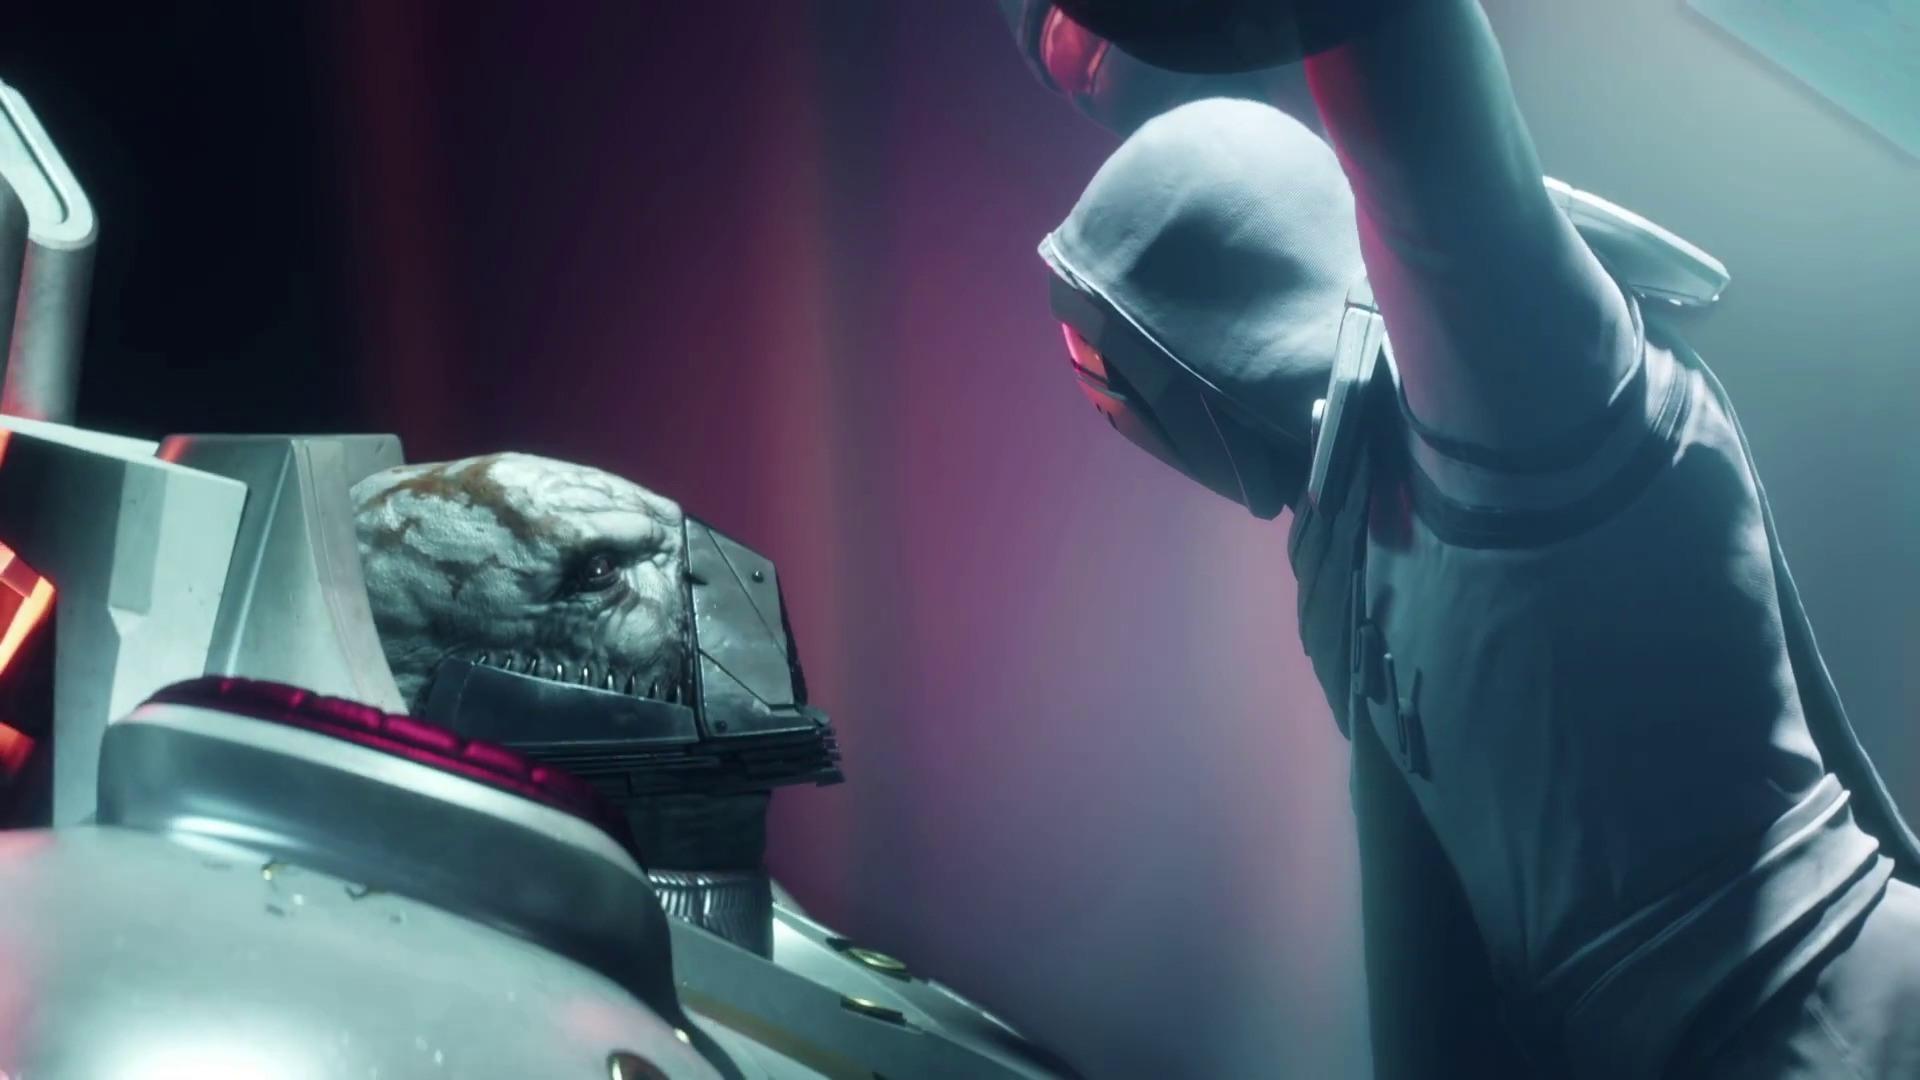 The Speaker vs Ghaul Destiny 2